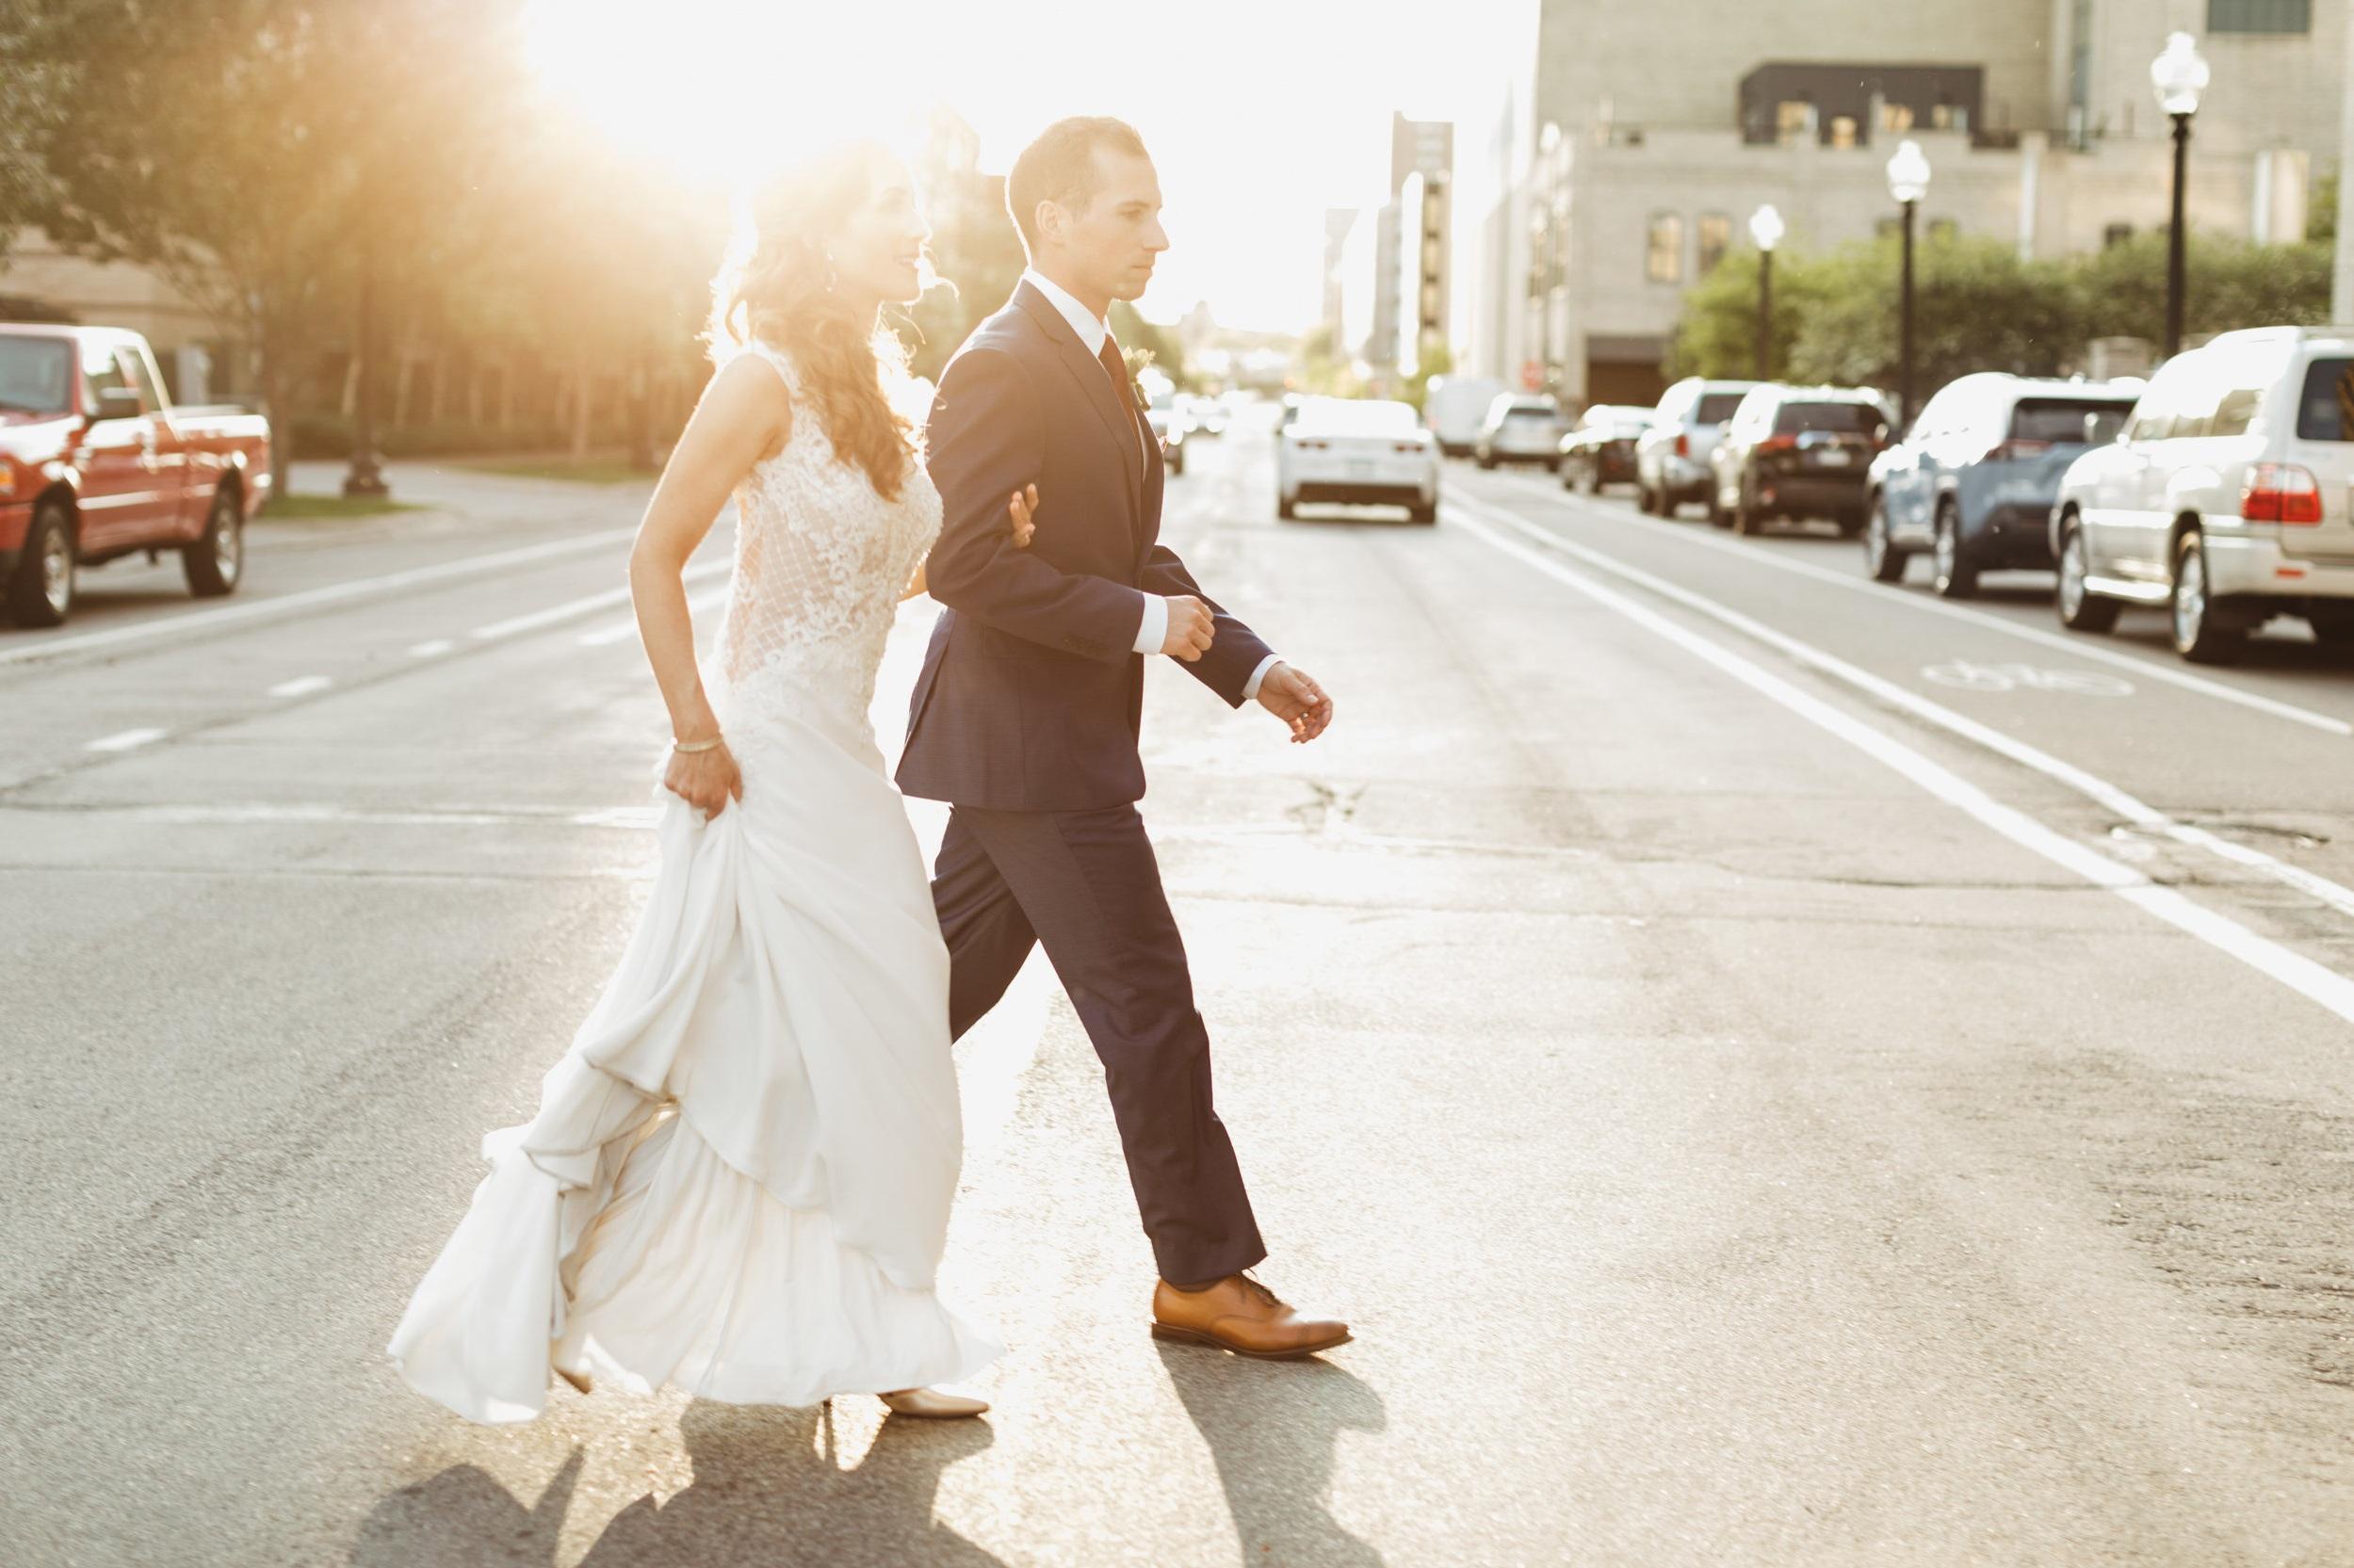 renassancehotelminneapolismnwedding-14.jpg